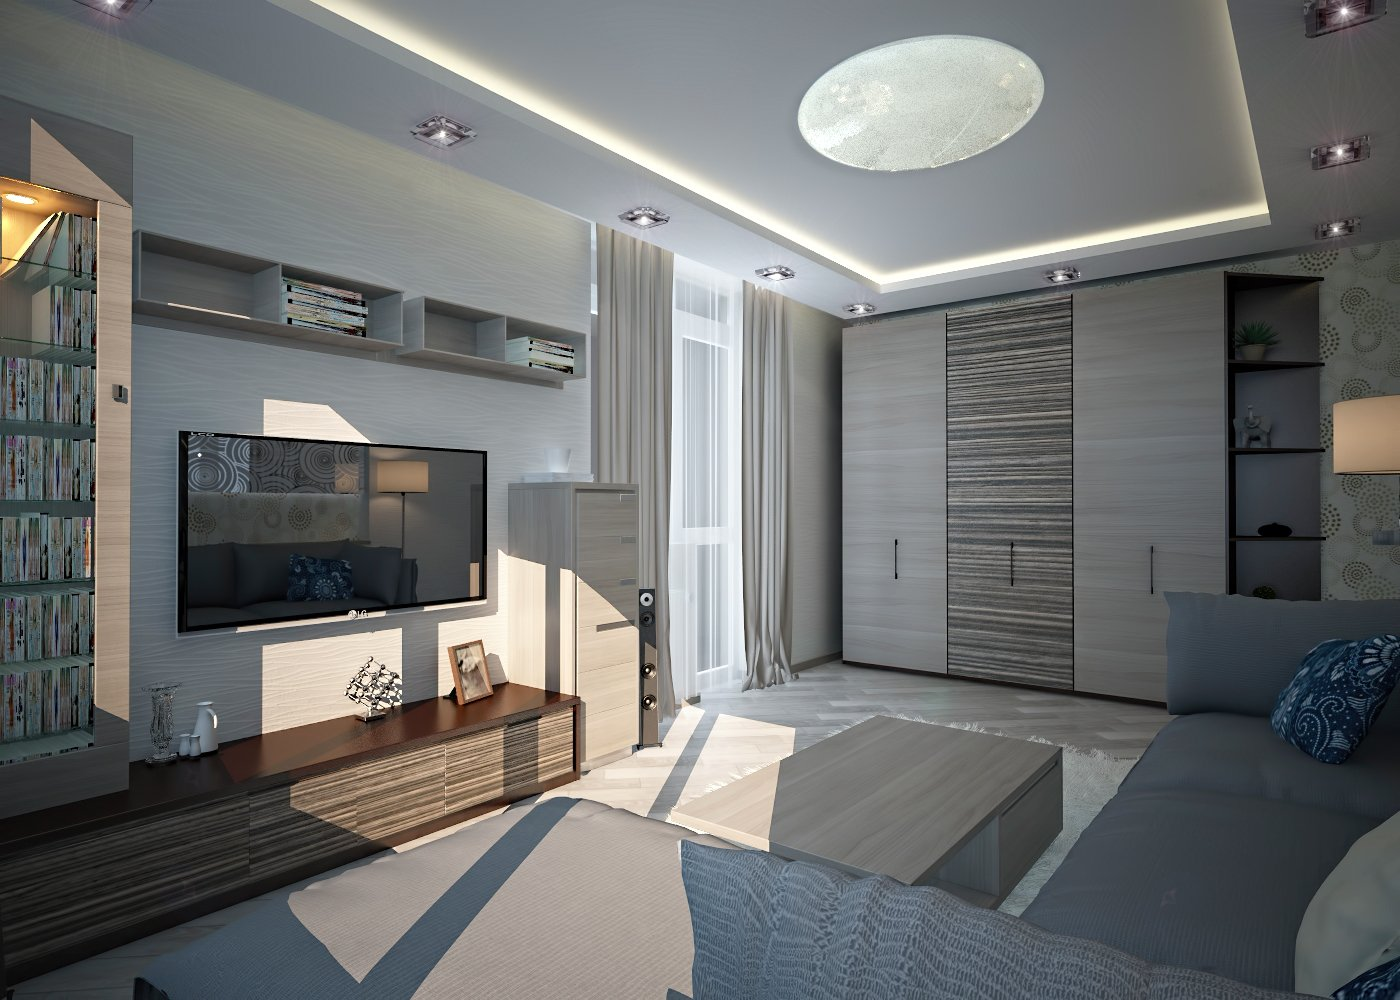 Дизайн нтерьера гостинной Киев скандинавский стиль, дерево в интерьере